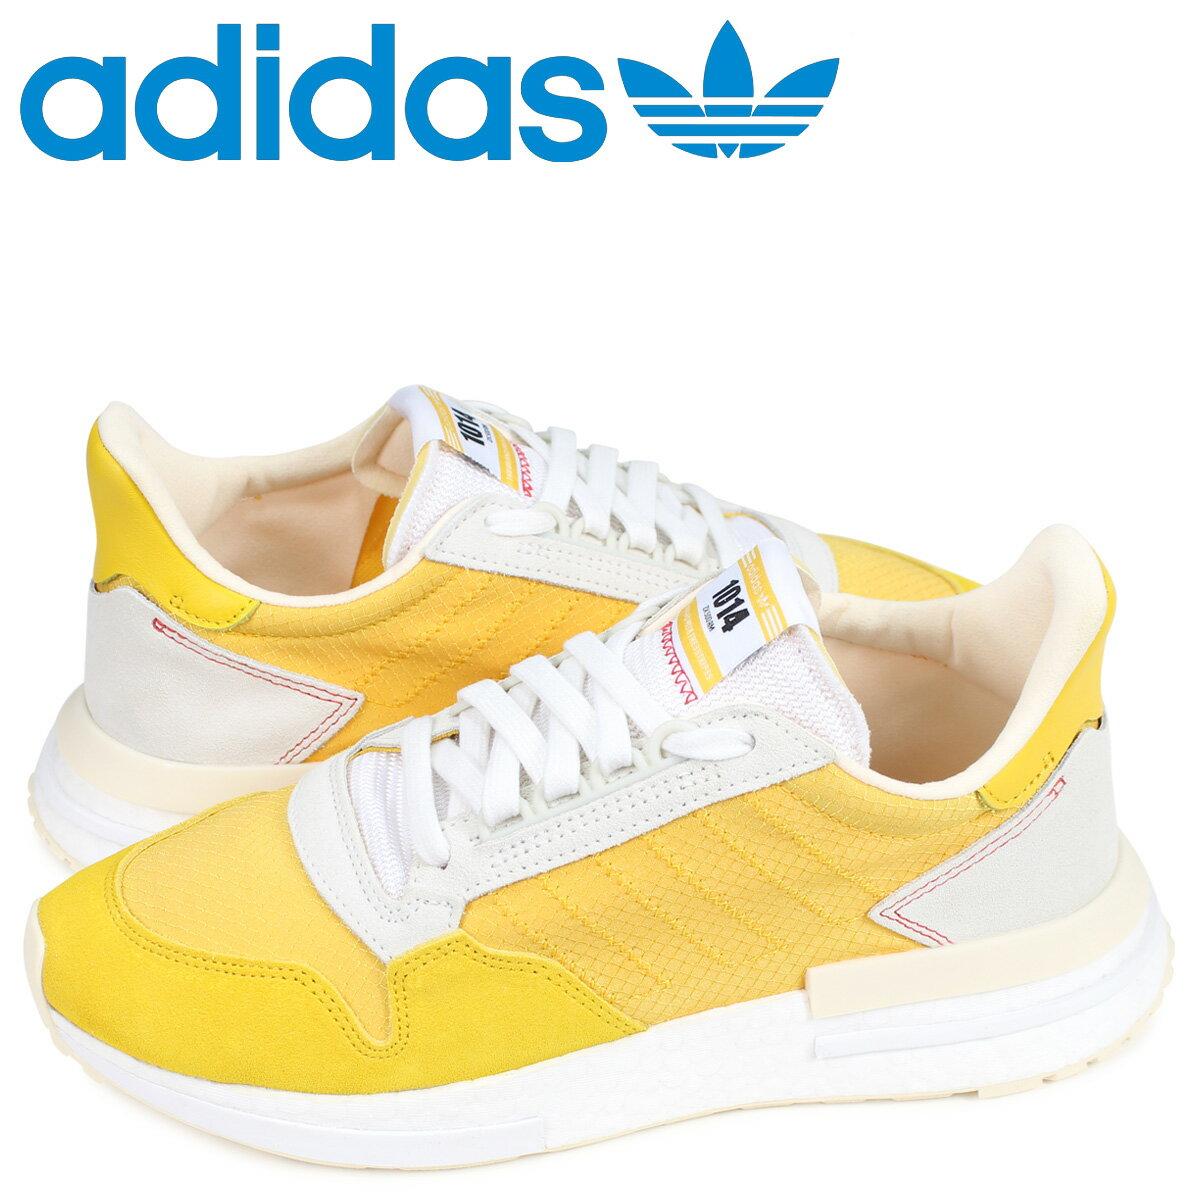 メンズ靴, スニーカー 2000OFF adidas Originals ZX 500 RM CG6860